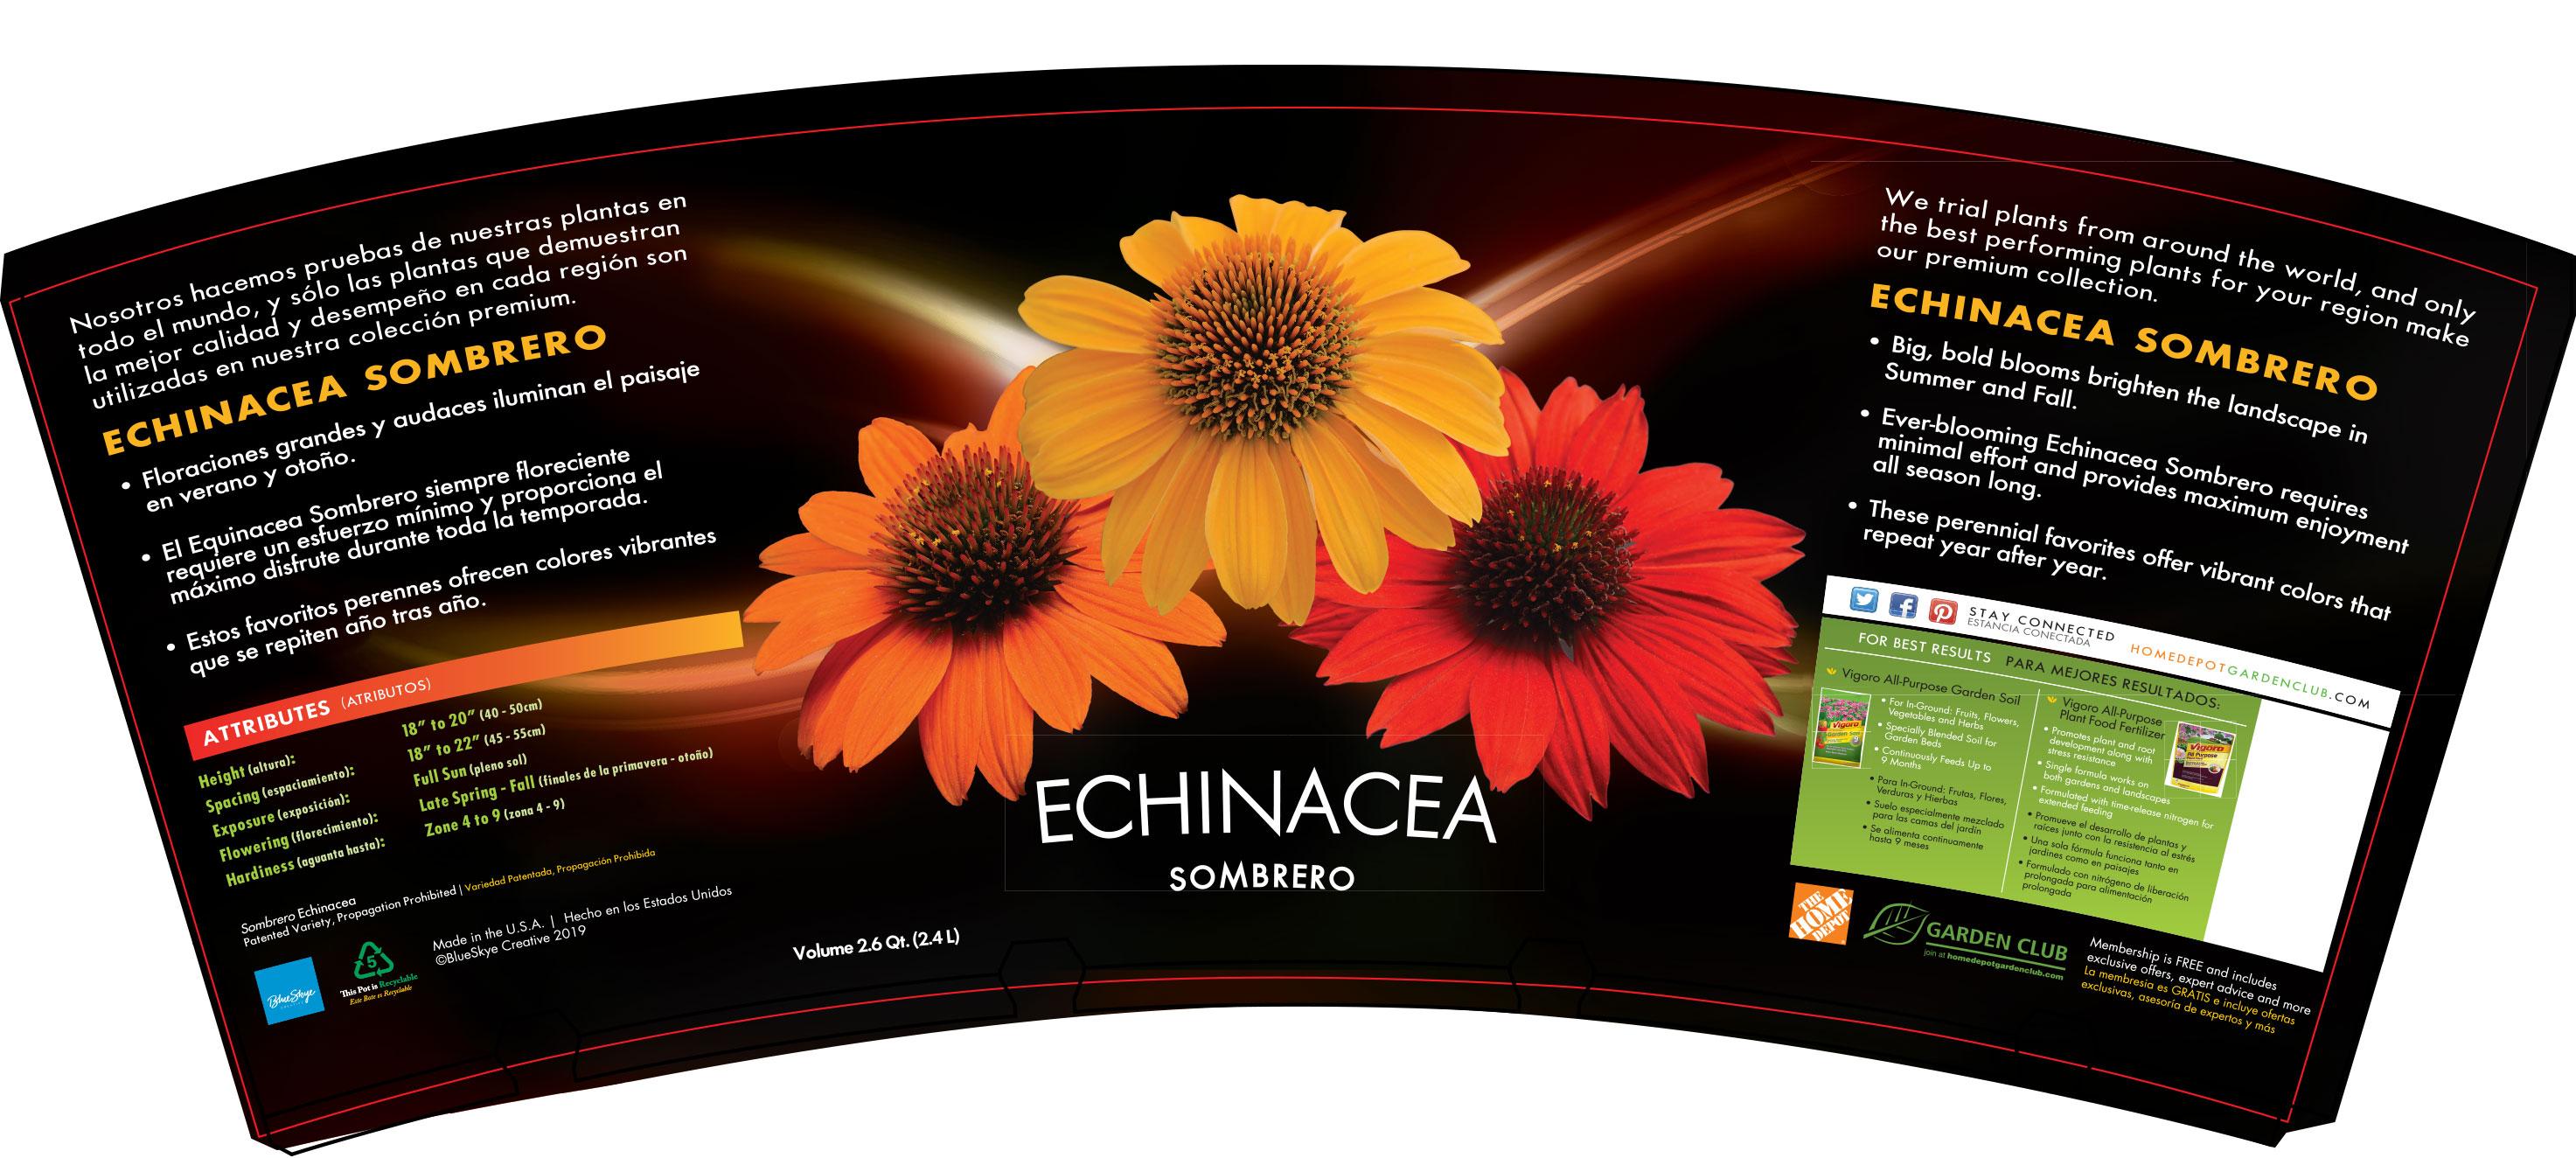 Echinacea-Sombrero-Spring-Mix